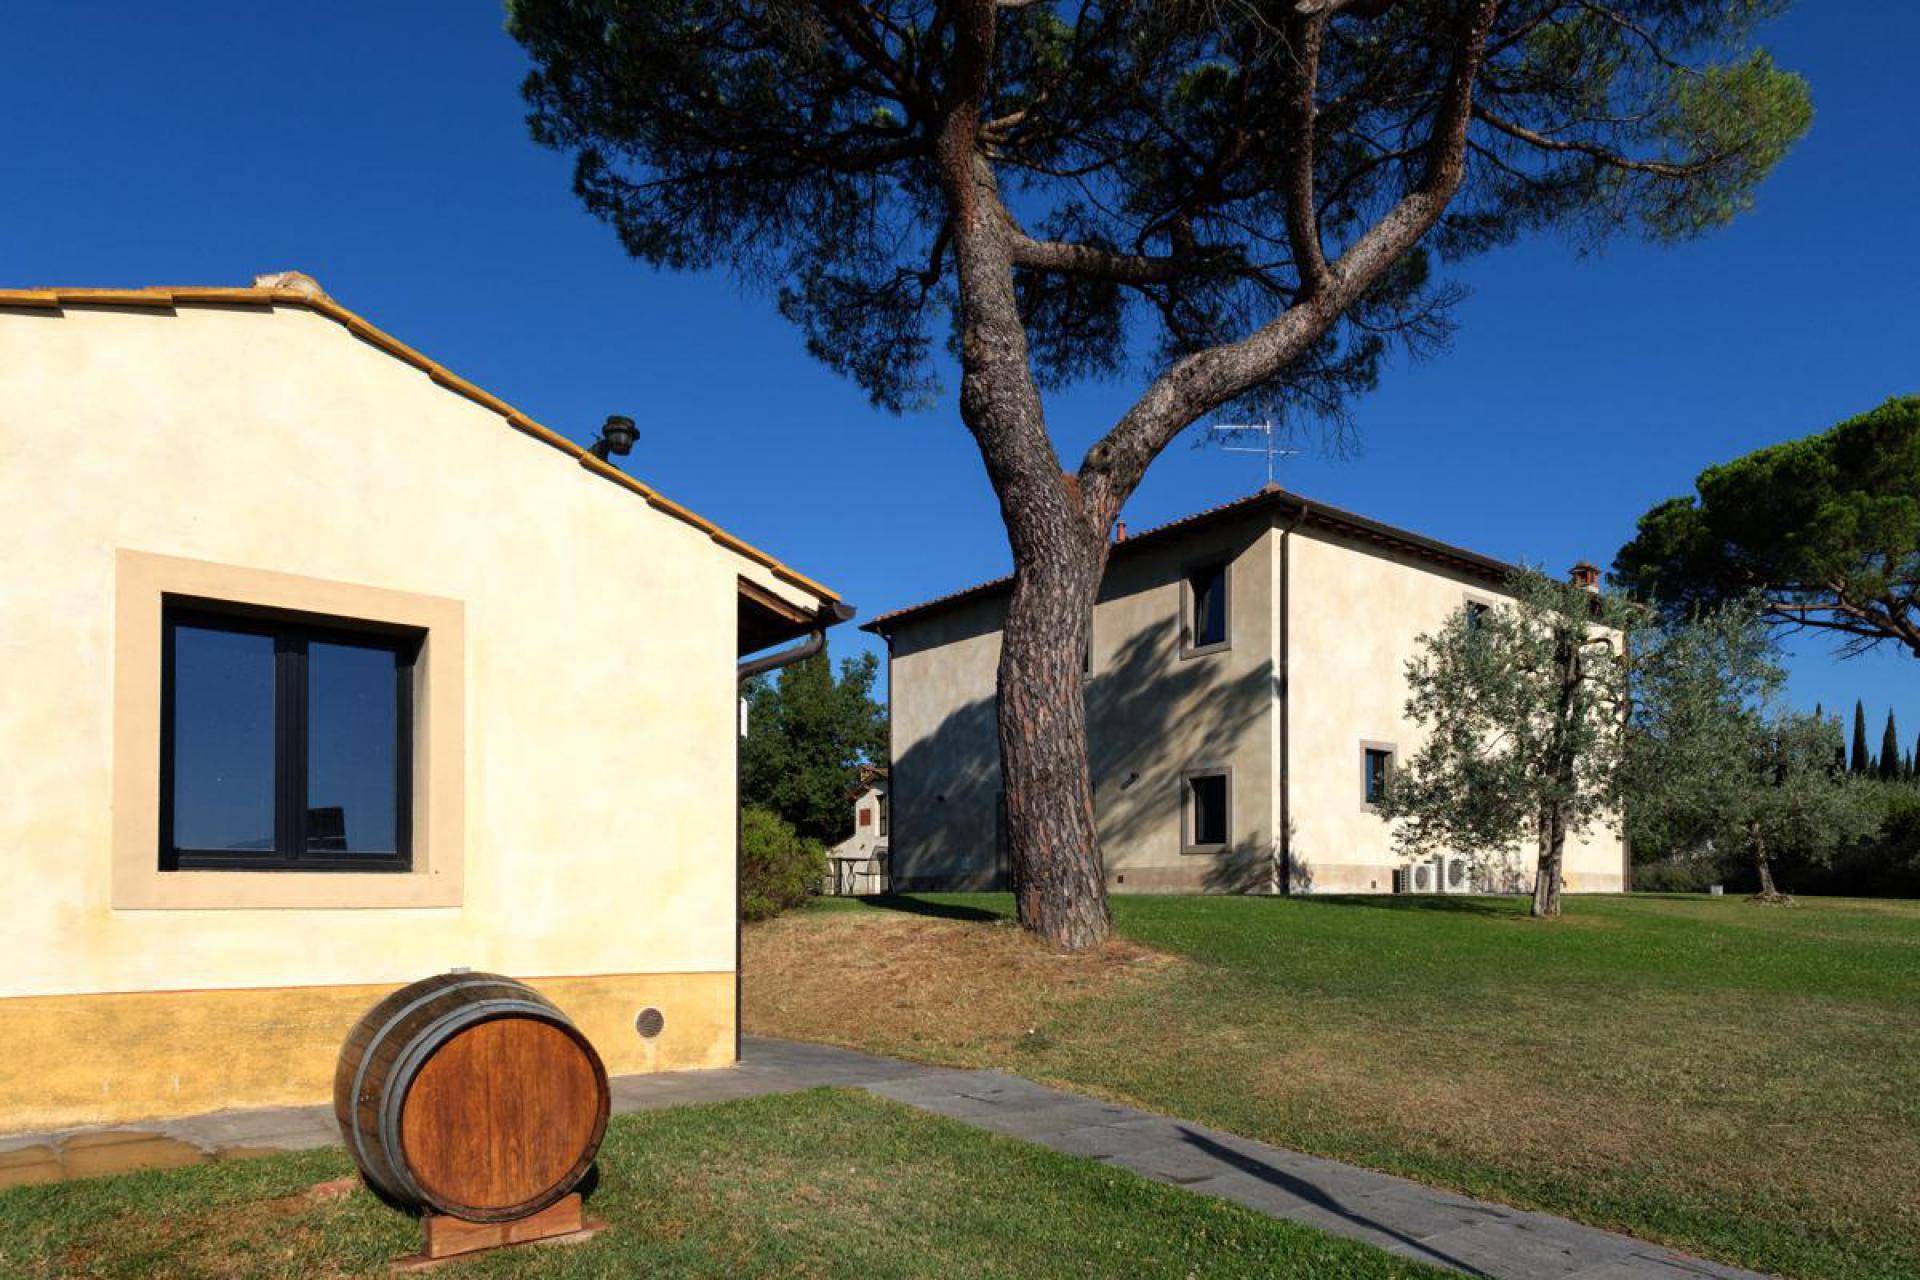 Agriturismo Toskana Agriturismo und Weingut Toskana, im Chianti-Gebiet